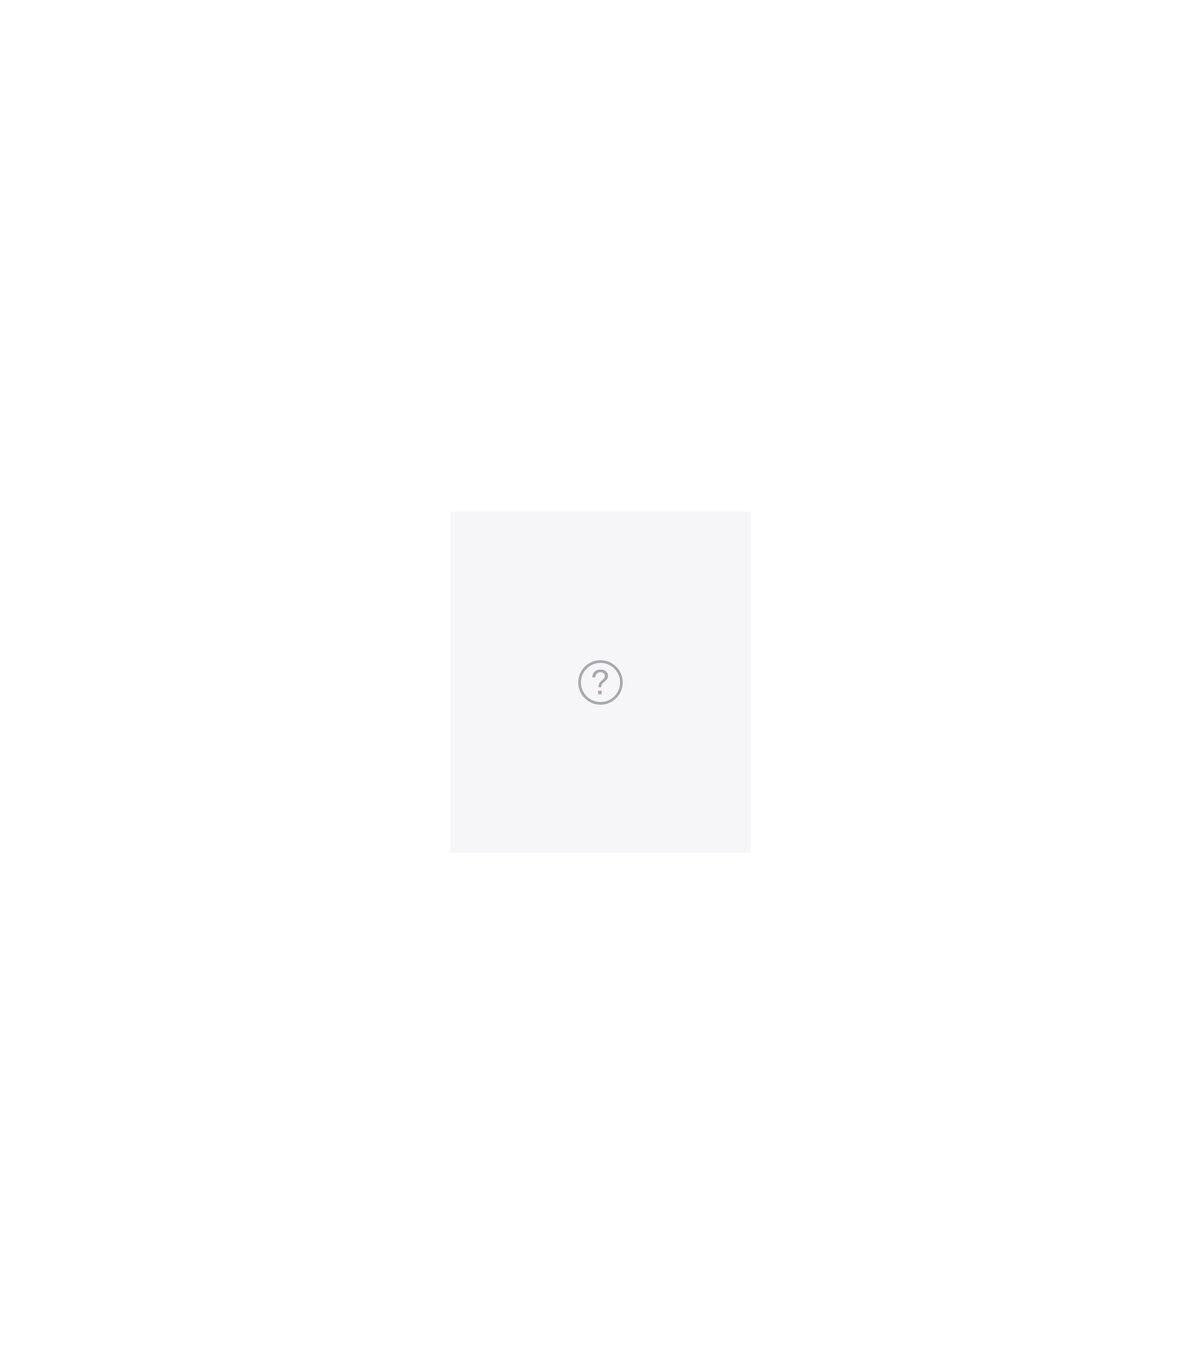 حذاء قماشي زحاف كولور بلوك | 106 | أحذية قماشية زحاف